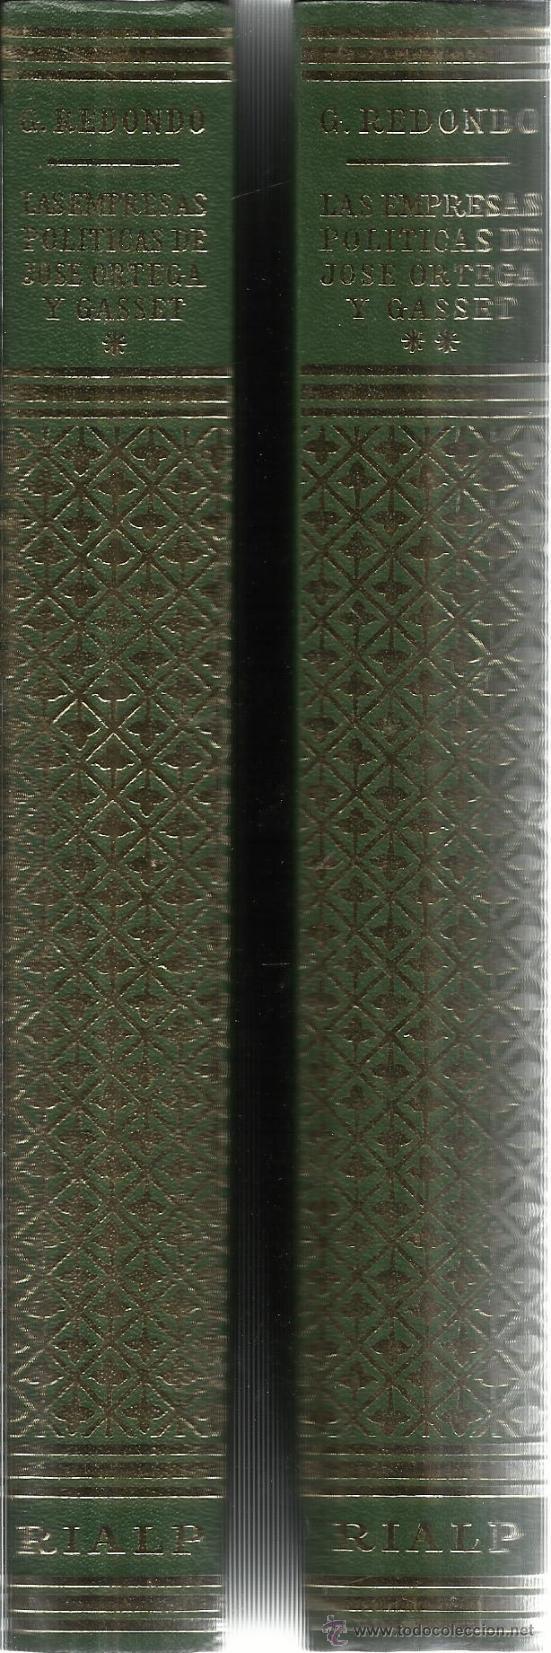 LAS EMPRESAS POLÍTICAS DE JOSÉ ORTEGA Y GASSET. 2 TOMOS. EDI. RIAL. MADRID. 1970 (Libros de Segunda Mano - Pensamiento - Política)